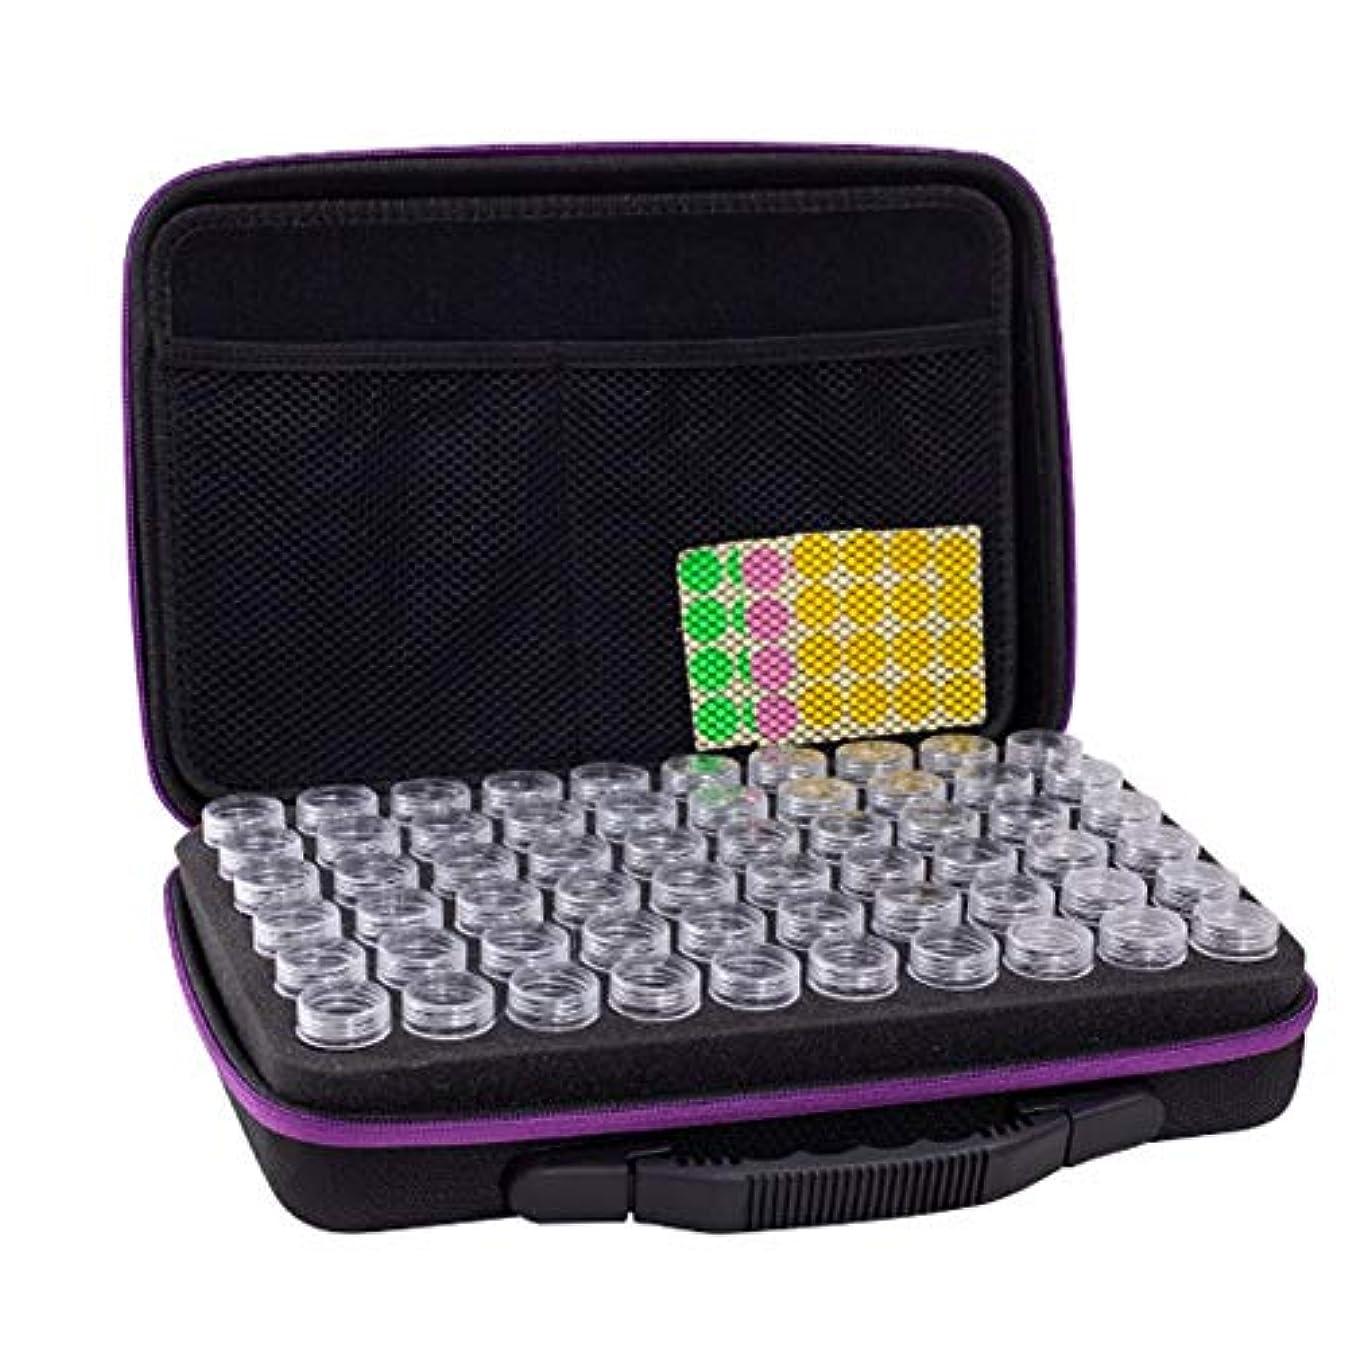 吸収聴覚最終アロマポーチ エッセンシャルオイル ケース 携帯用 アロマケース メイクポーチ 精油ケース 大容量 アロマセラピストポーチ 120本用 サイズ:32 22.5 8.5 CM